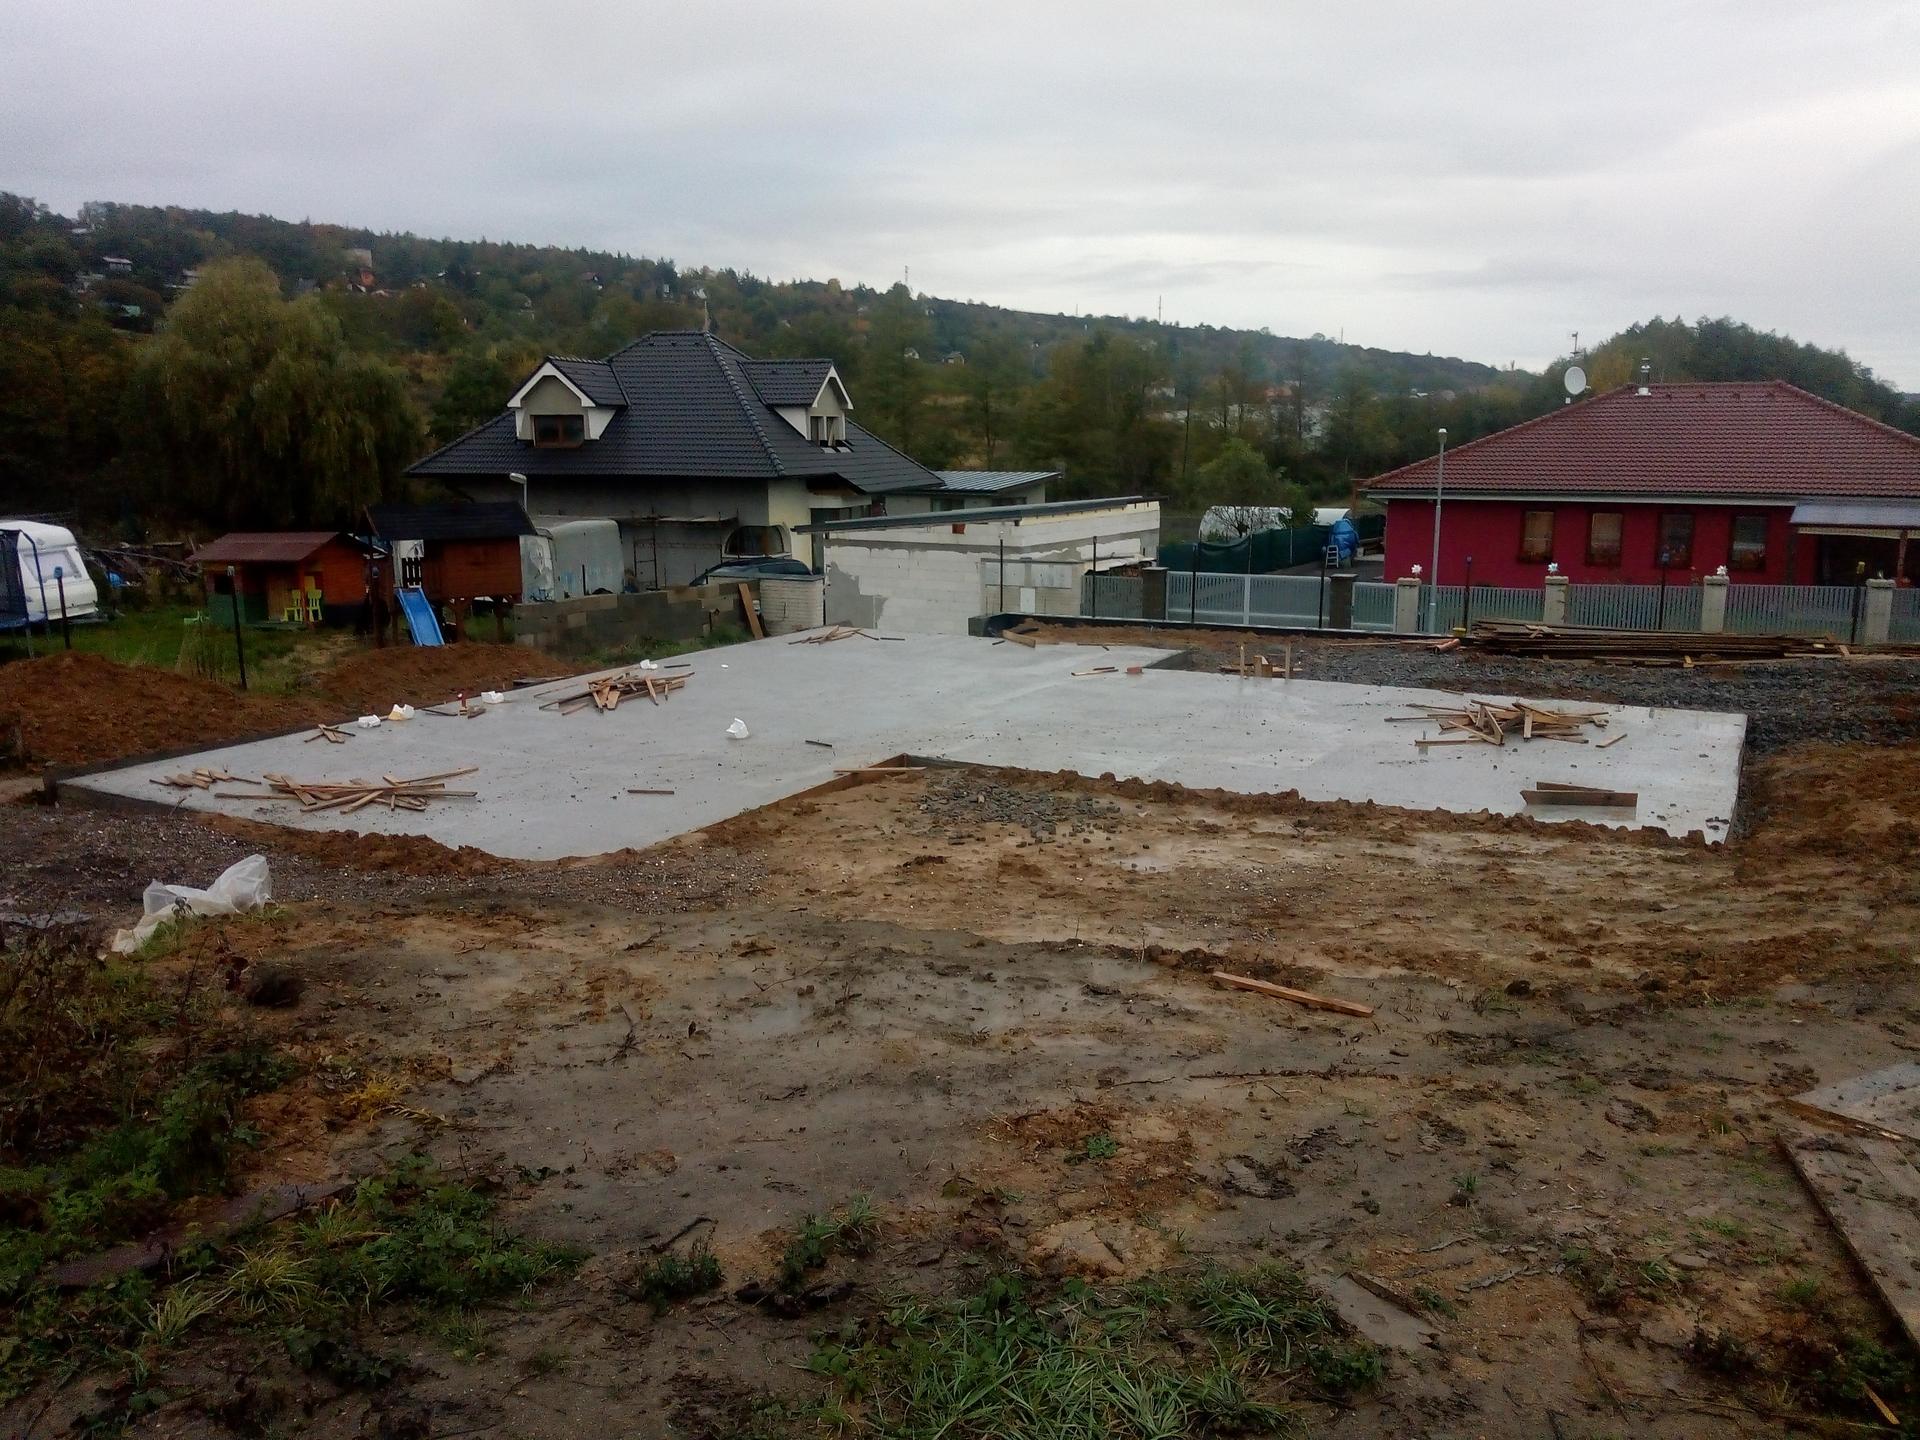 Příprava pozemku, bednění, základy, opěrka, bouda, plot - Obrázek č. 12